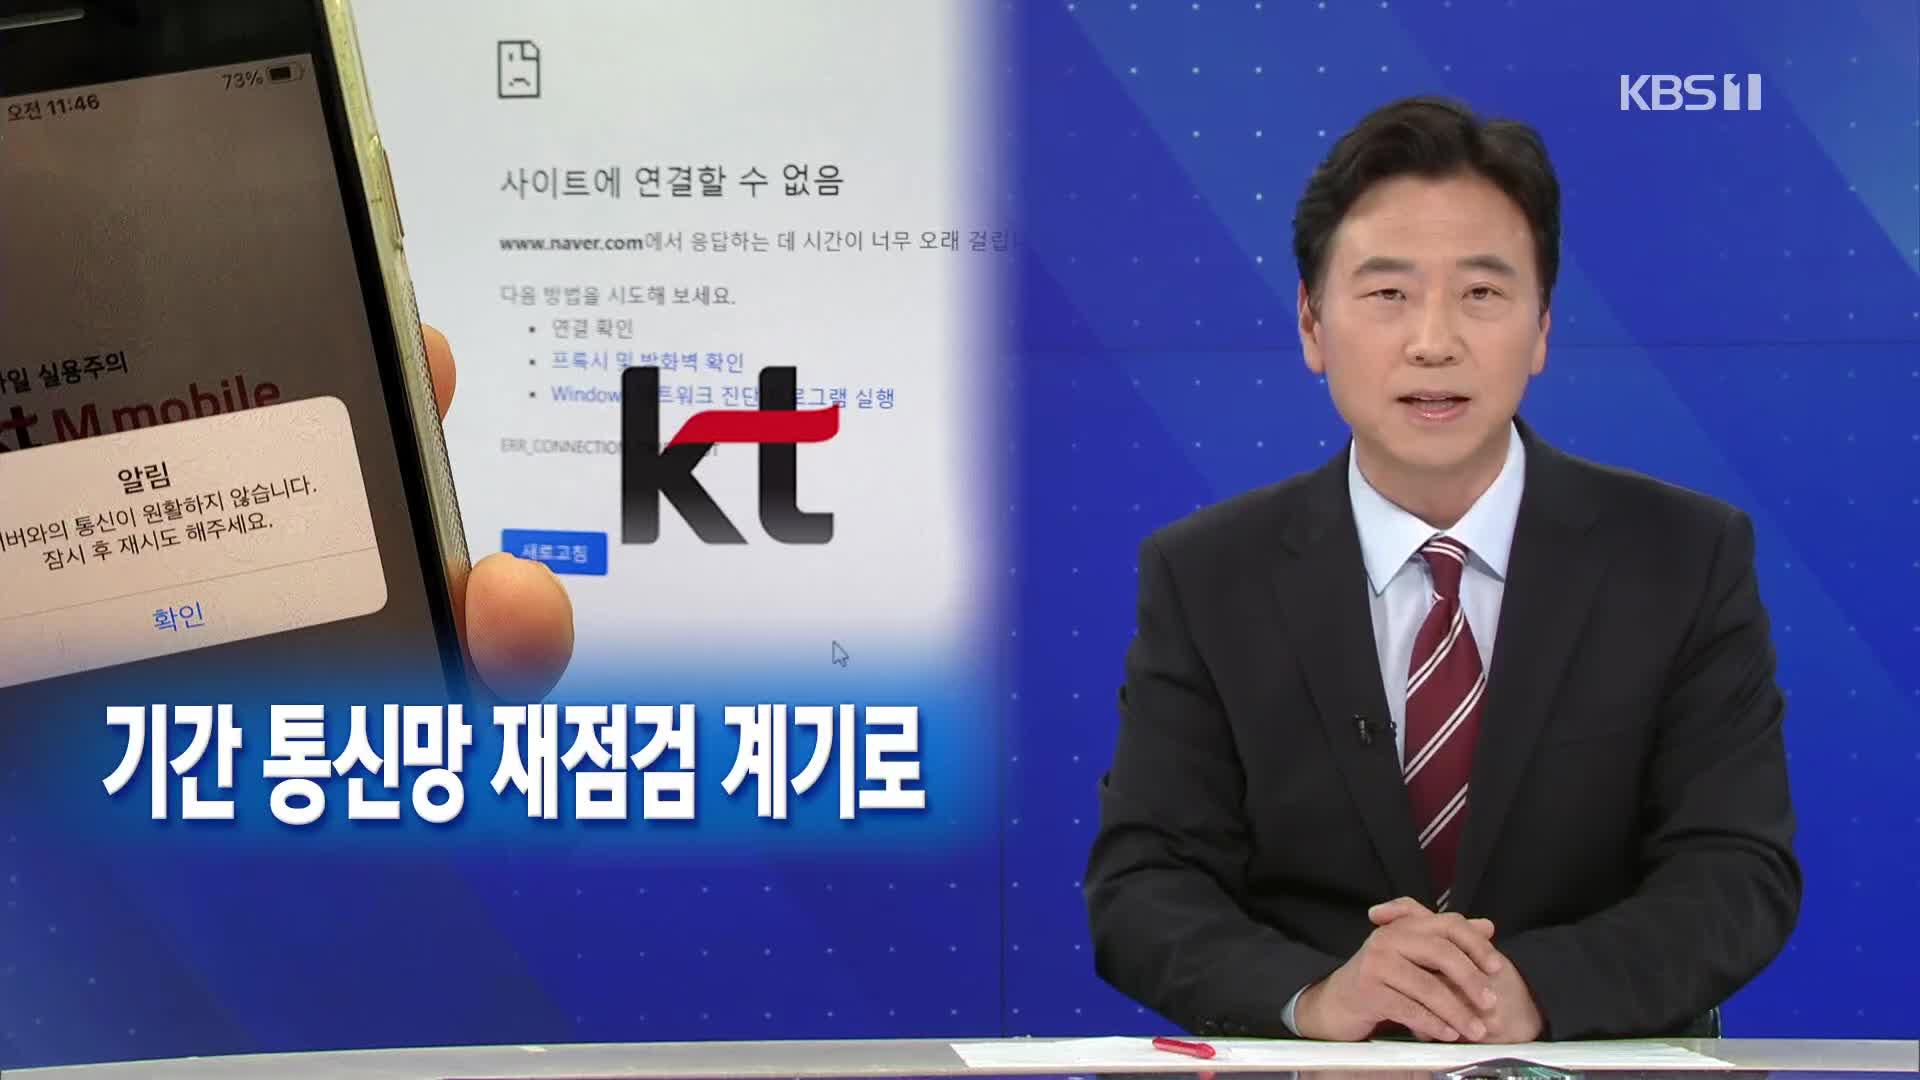 [뉴스해설] 통신재난 부른 KT 먹통사태…기간 통신망 재점검 계기로